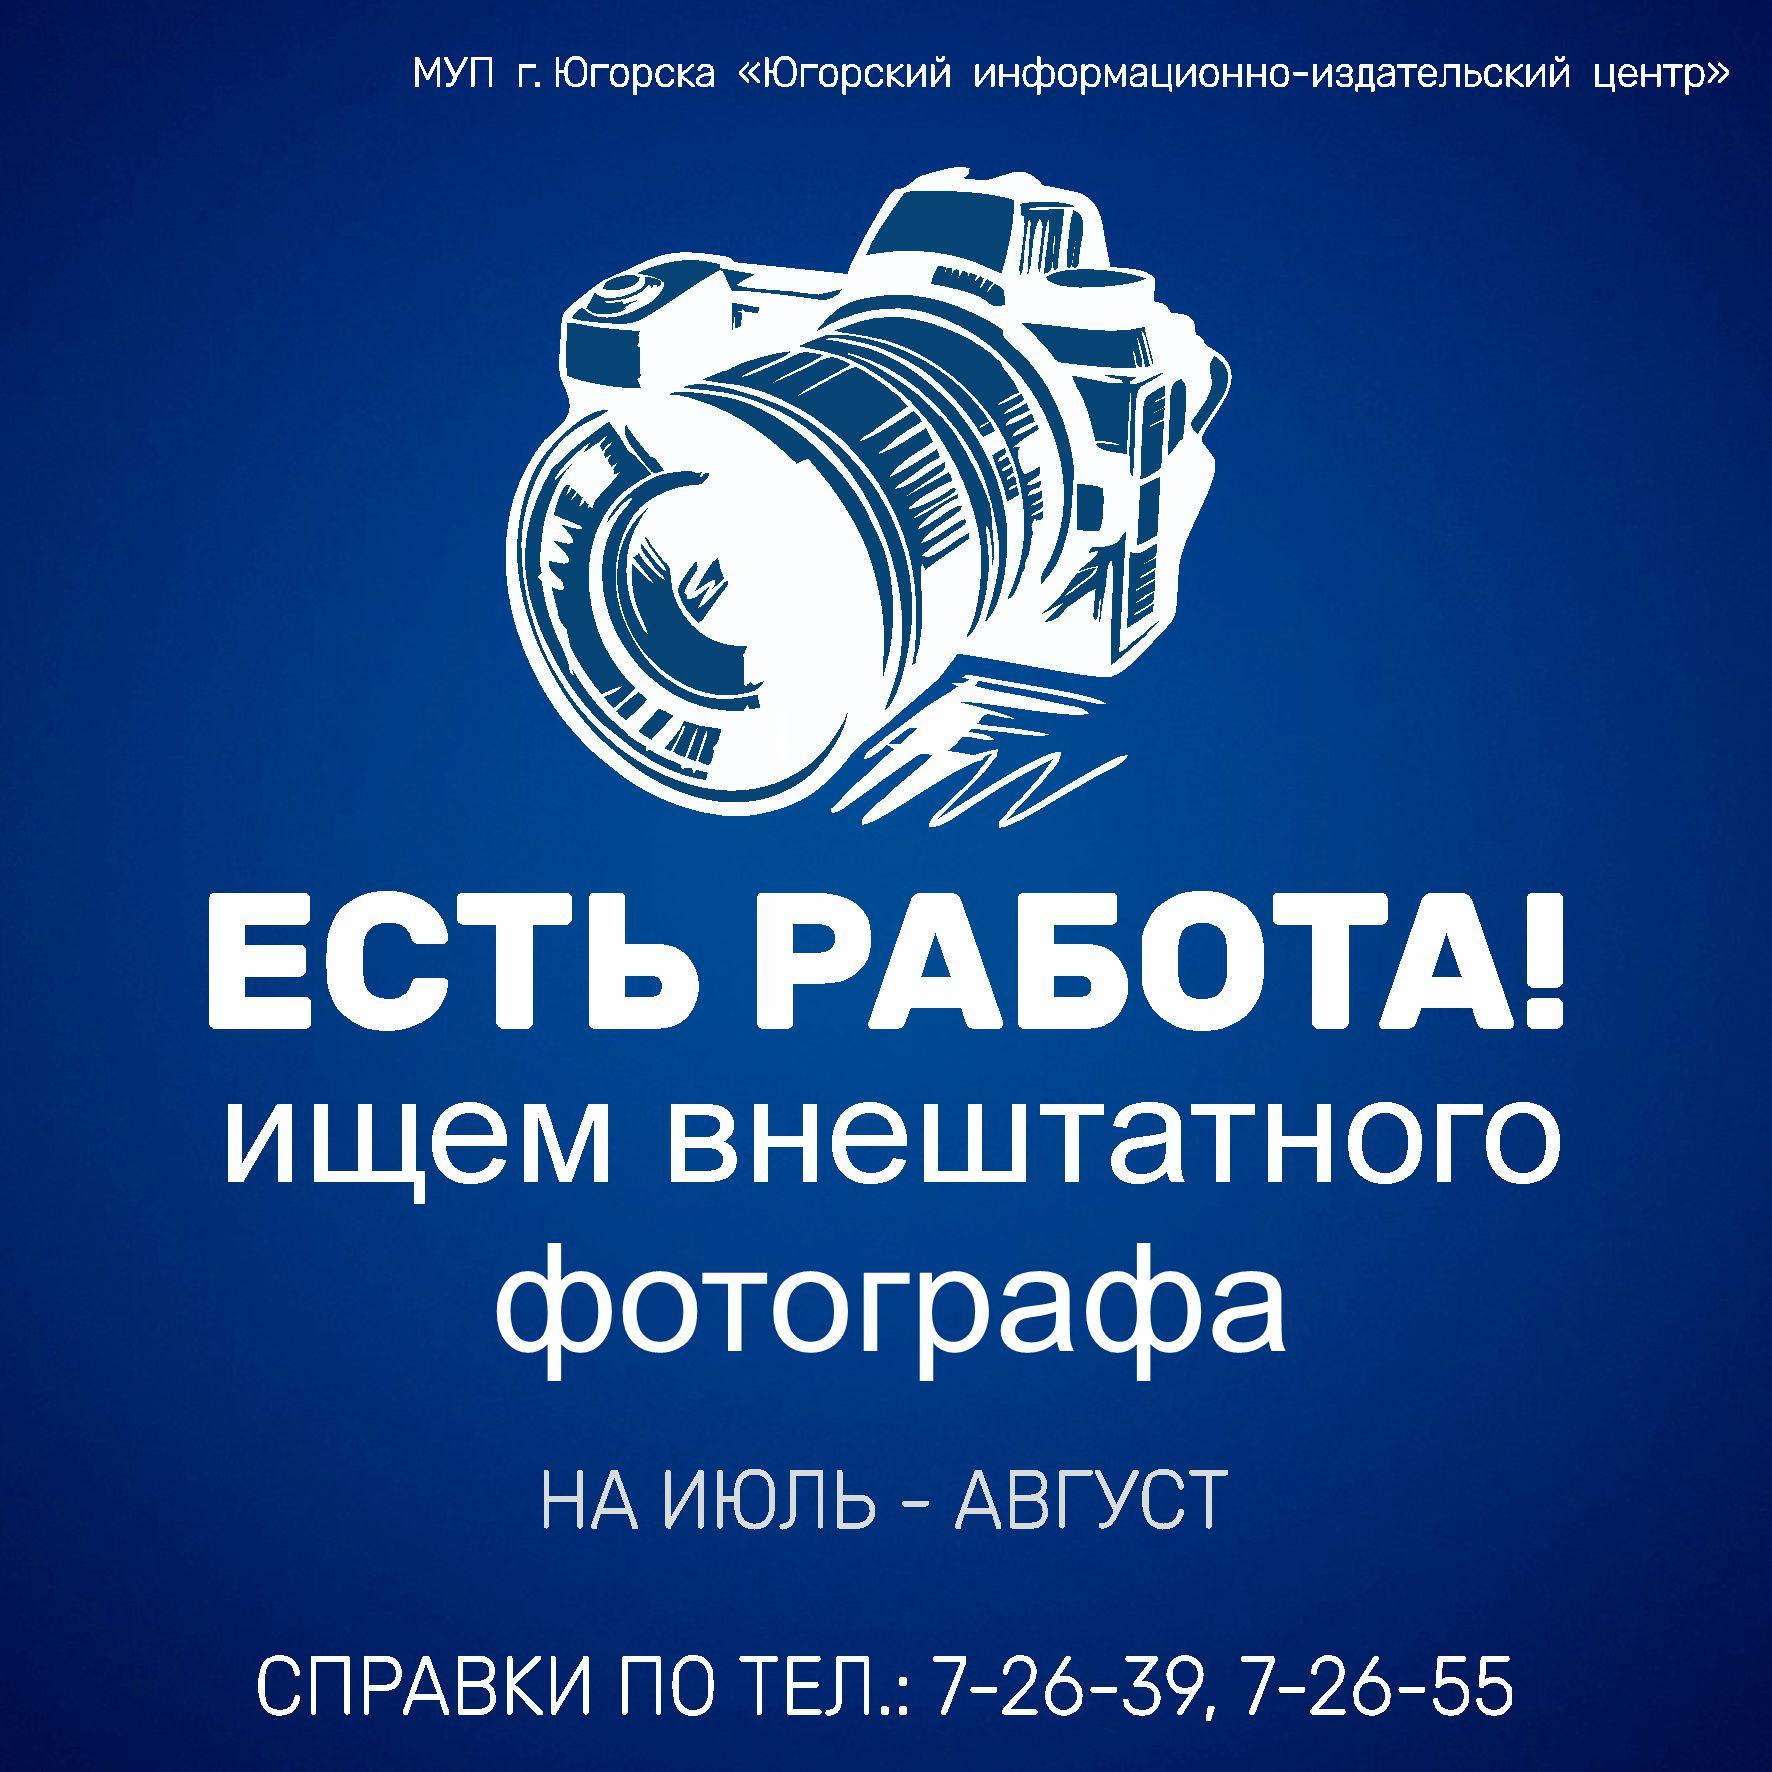 Ищем внештатного фотографа